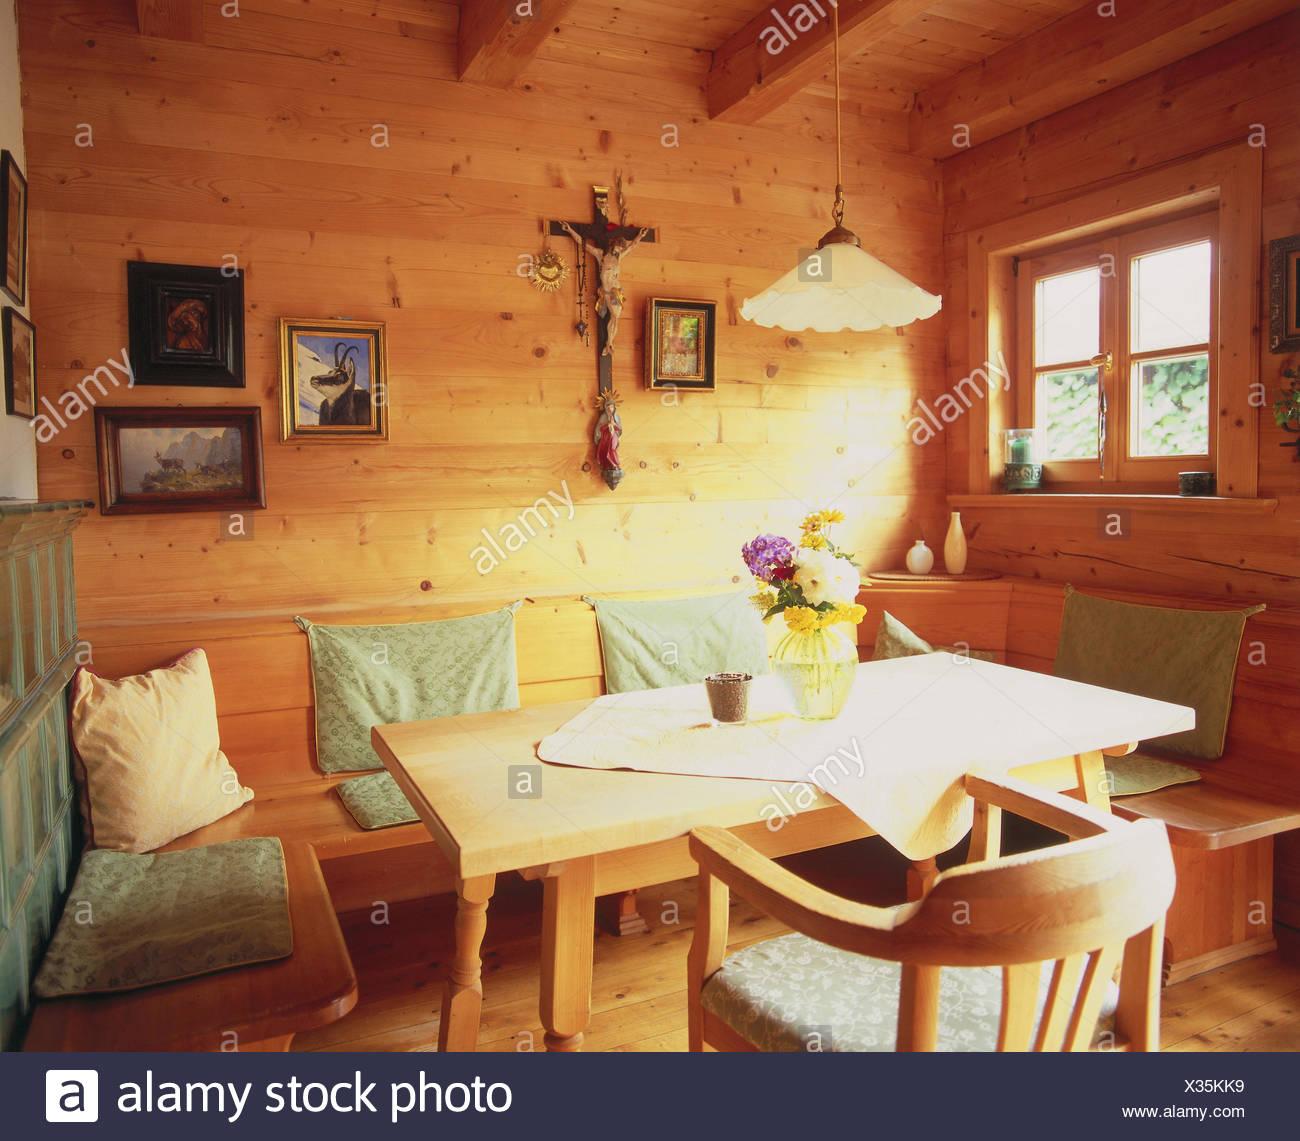 Sala residenziale, dettaglio camera, salotto, cucina ...